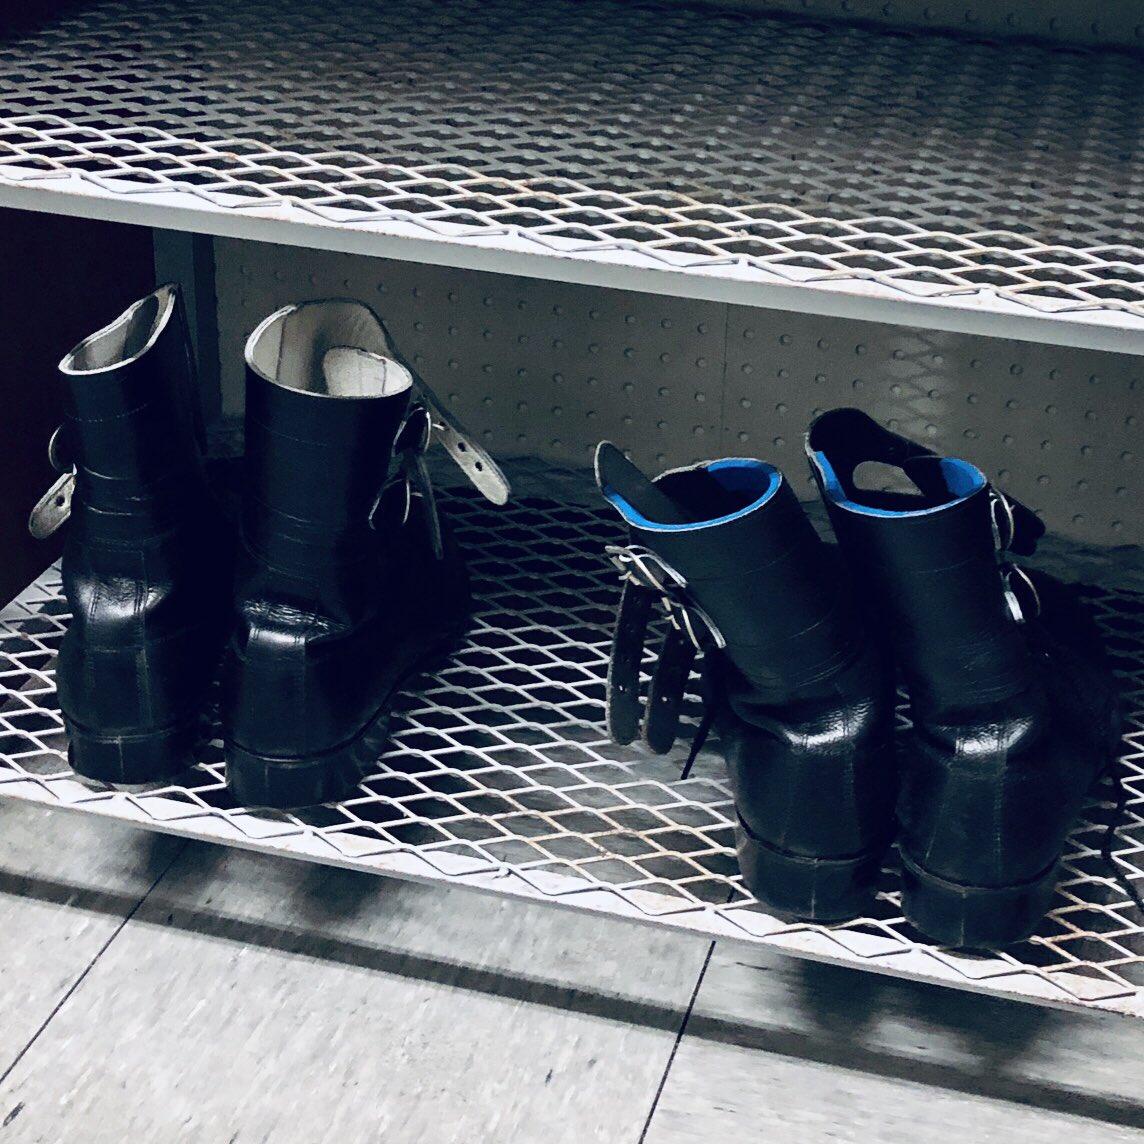 【#未満警察日誌】ある日(3月上旬)のカイくん(#中島健人) とジロちゃん(#平野紫耀)のひとコマ。夕食休憩中、楽屋で少し仮眠していた平野さん。休憩が終わりスタジオ前の控え室で平野さんの顔を見た中島さんは「起きたての顔してるぞ(笑)。おはよう」と優しく声をかけていました☺️#未満警察 #日テレ